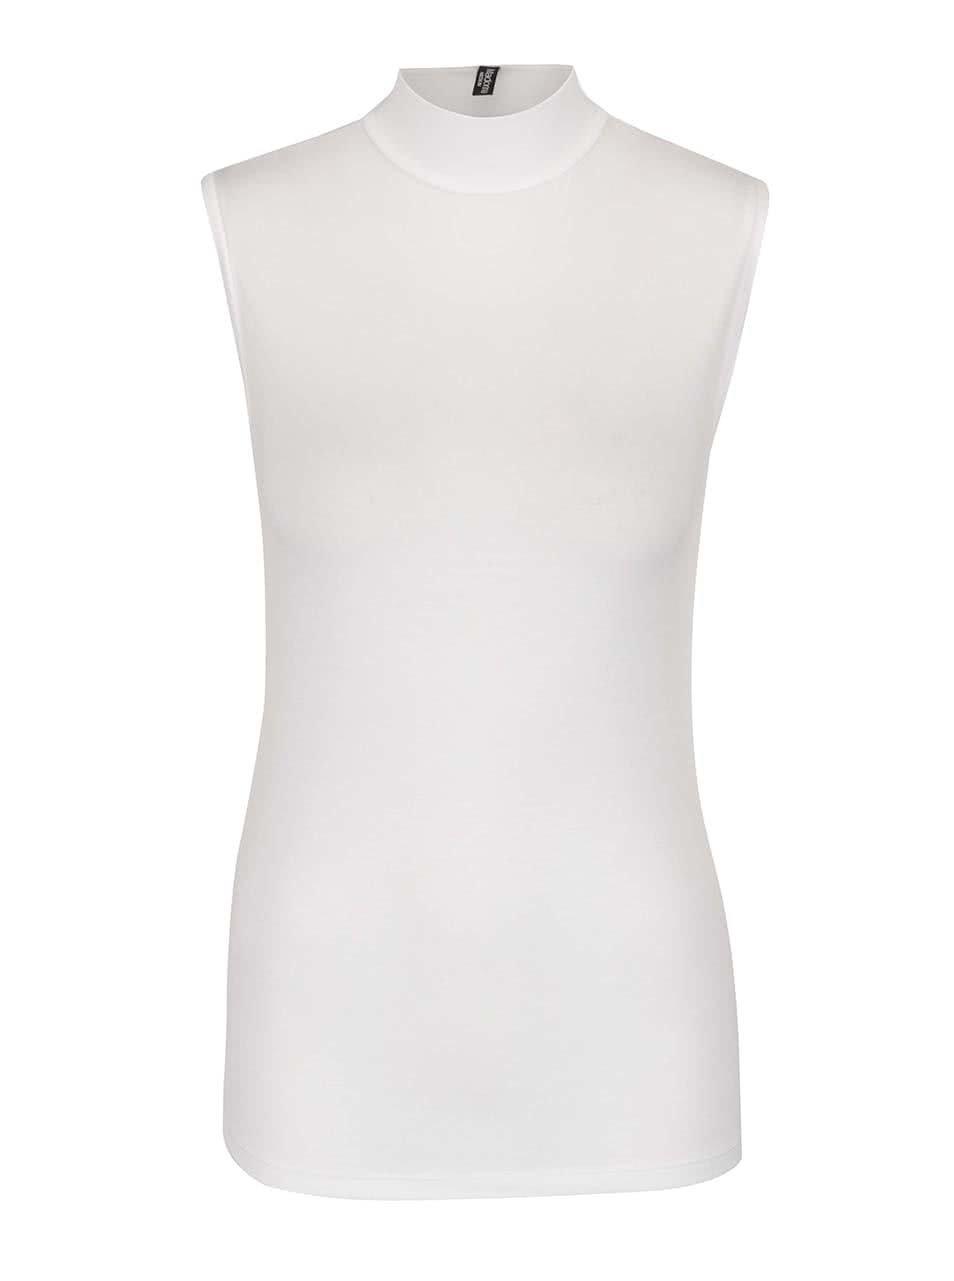 Biely top bez rukávov s nízkym rolákom Madonna Katrin ... 2a4c7851ee3